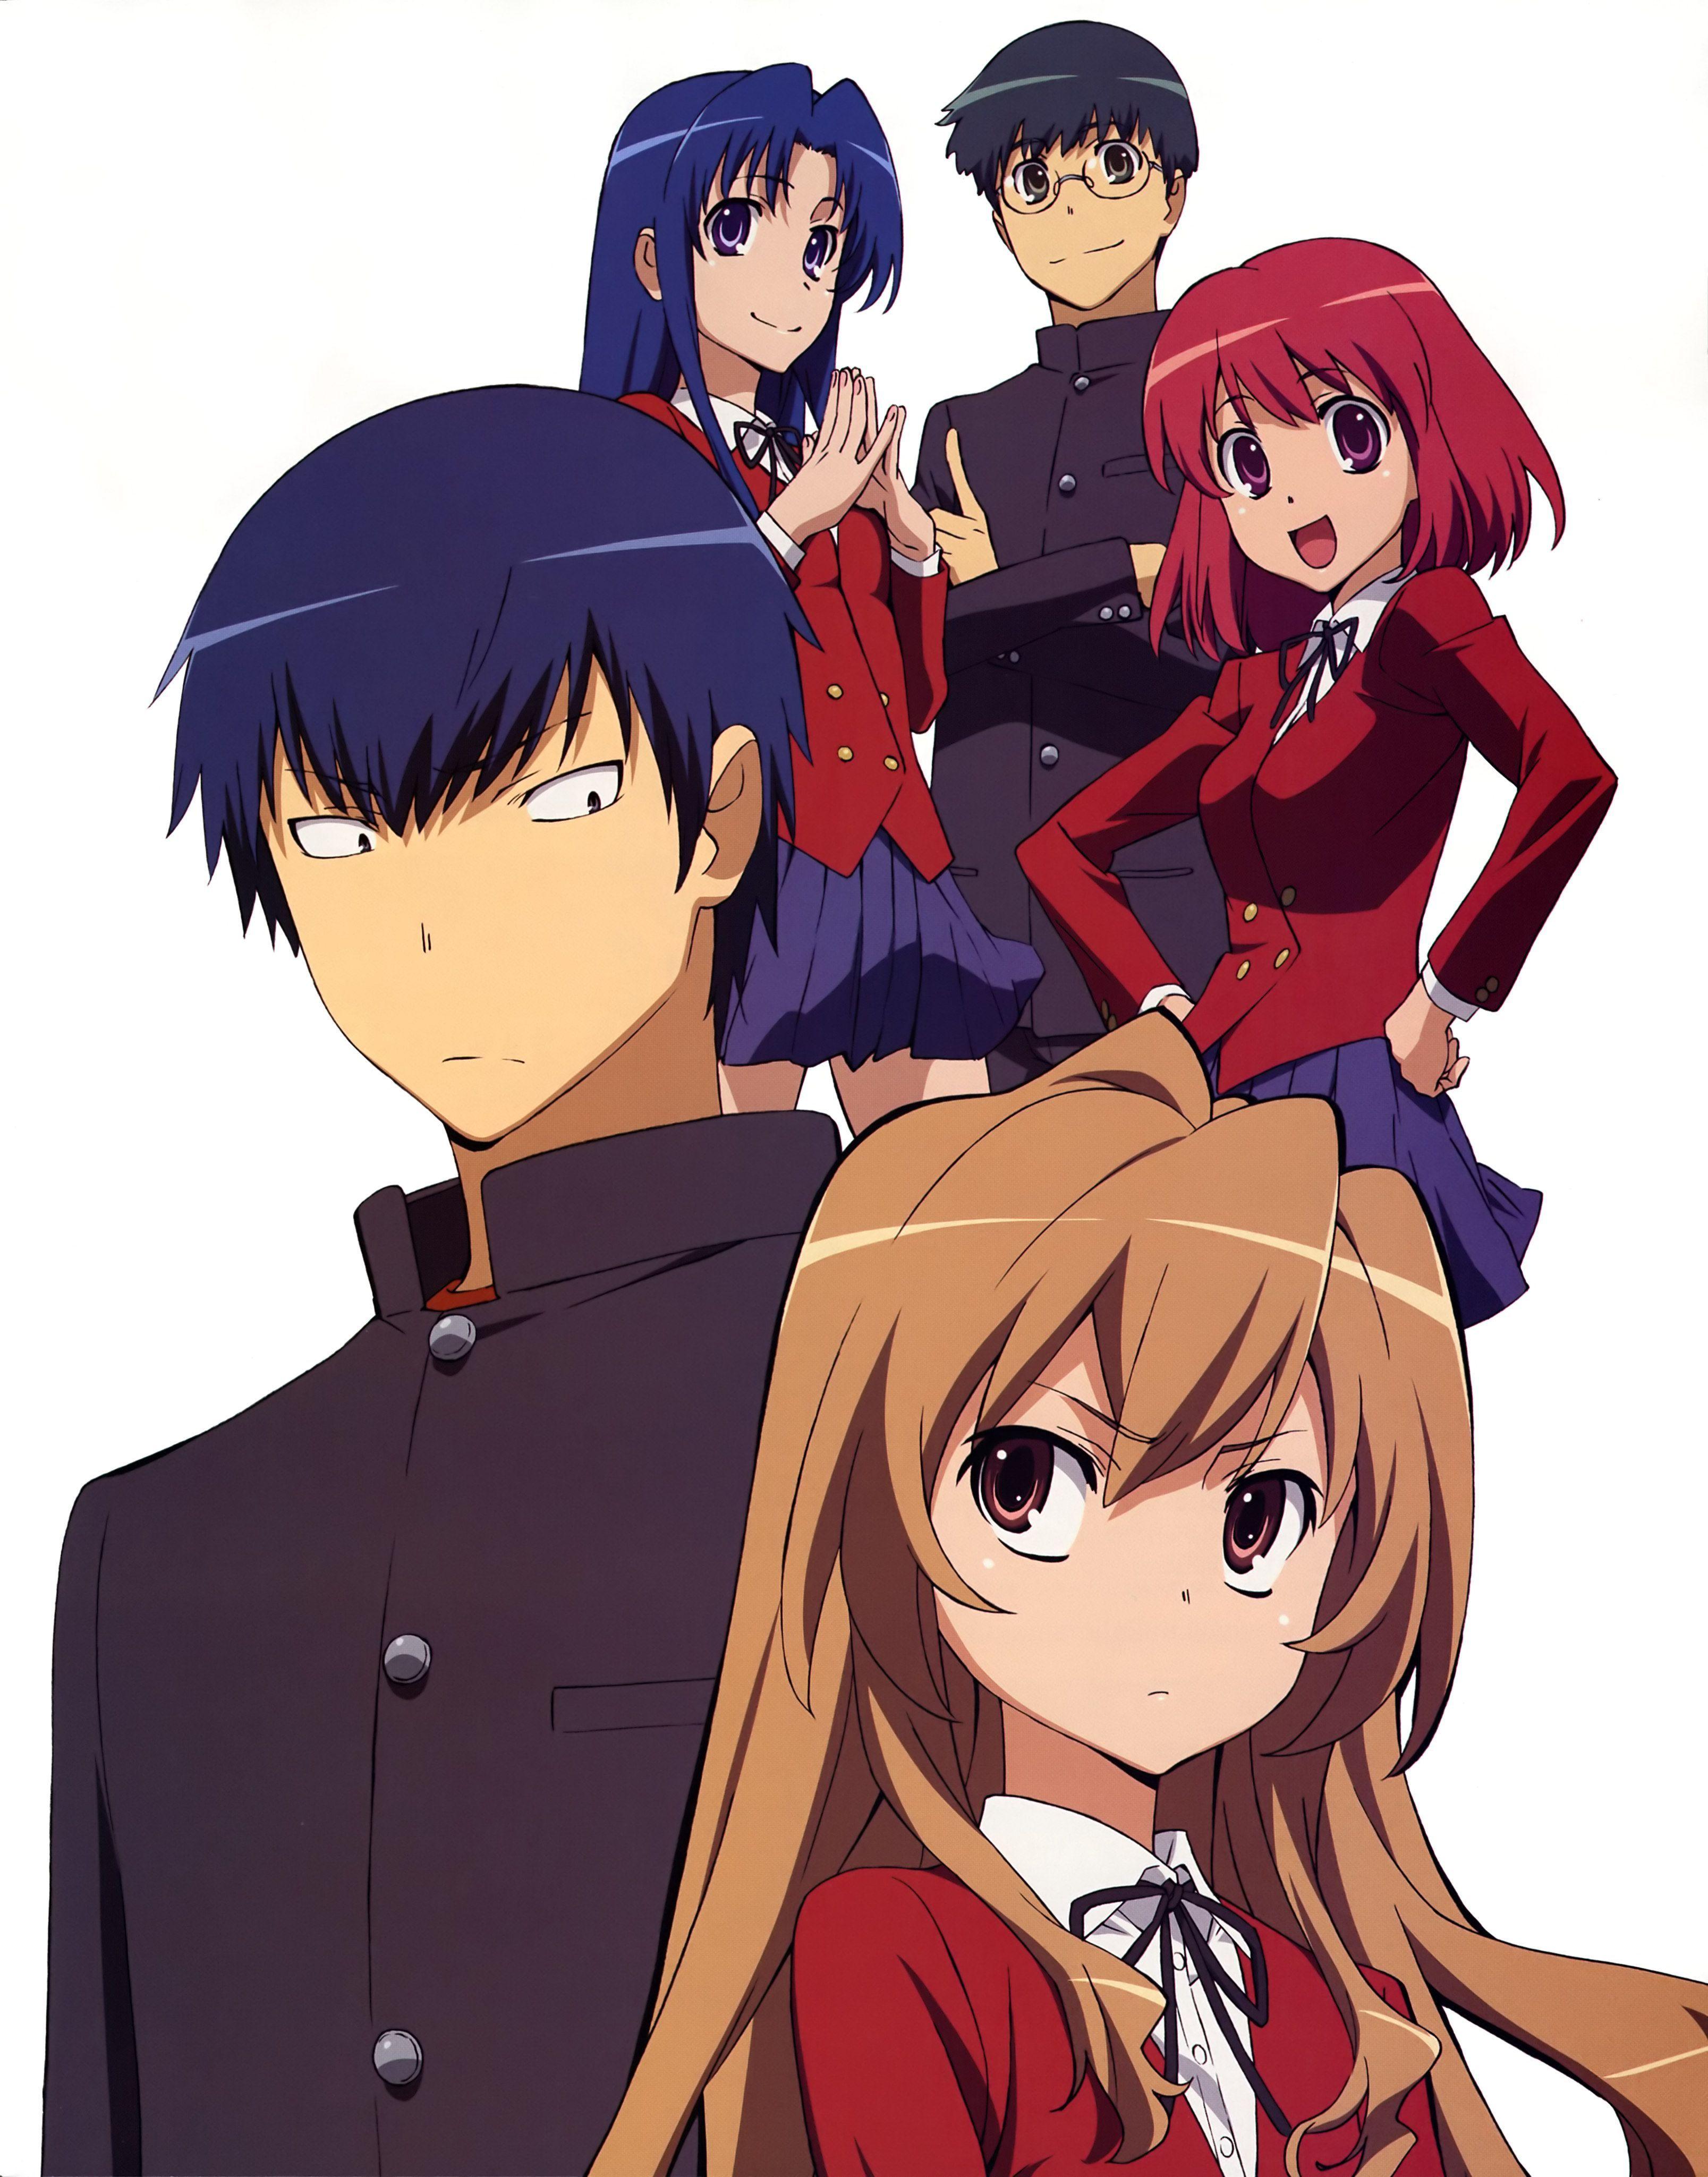 Toradora! 01 25 Toradora, Anime, Anime romance